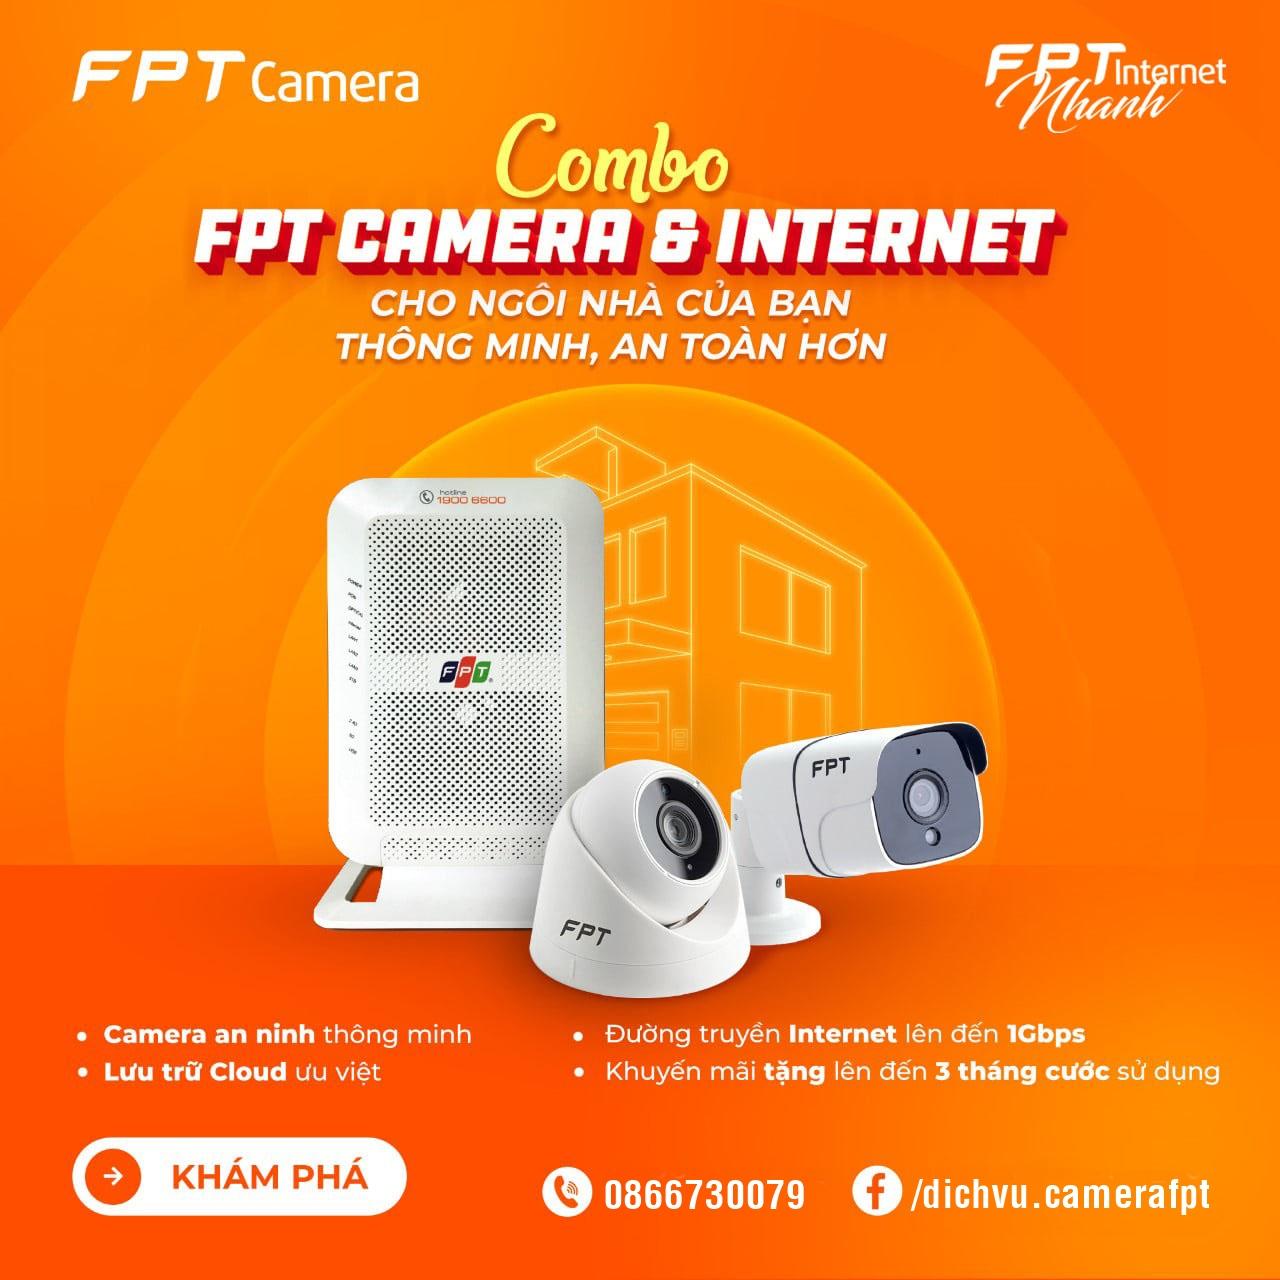 Ưu đãi nhân đôi - An tâm tuyệt đối cùng bộ đôi Camera FPT & Internet FPT